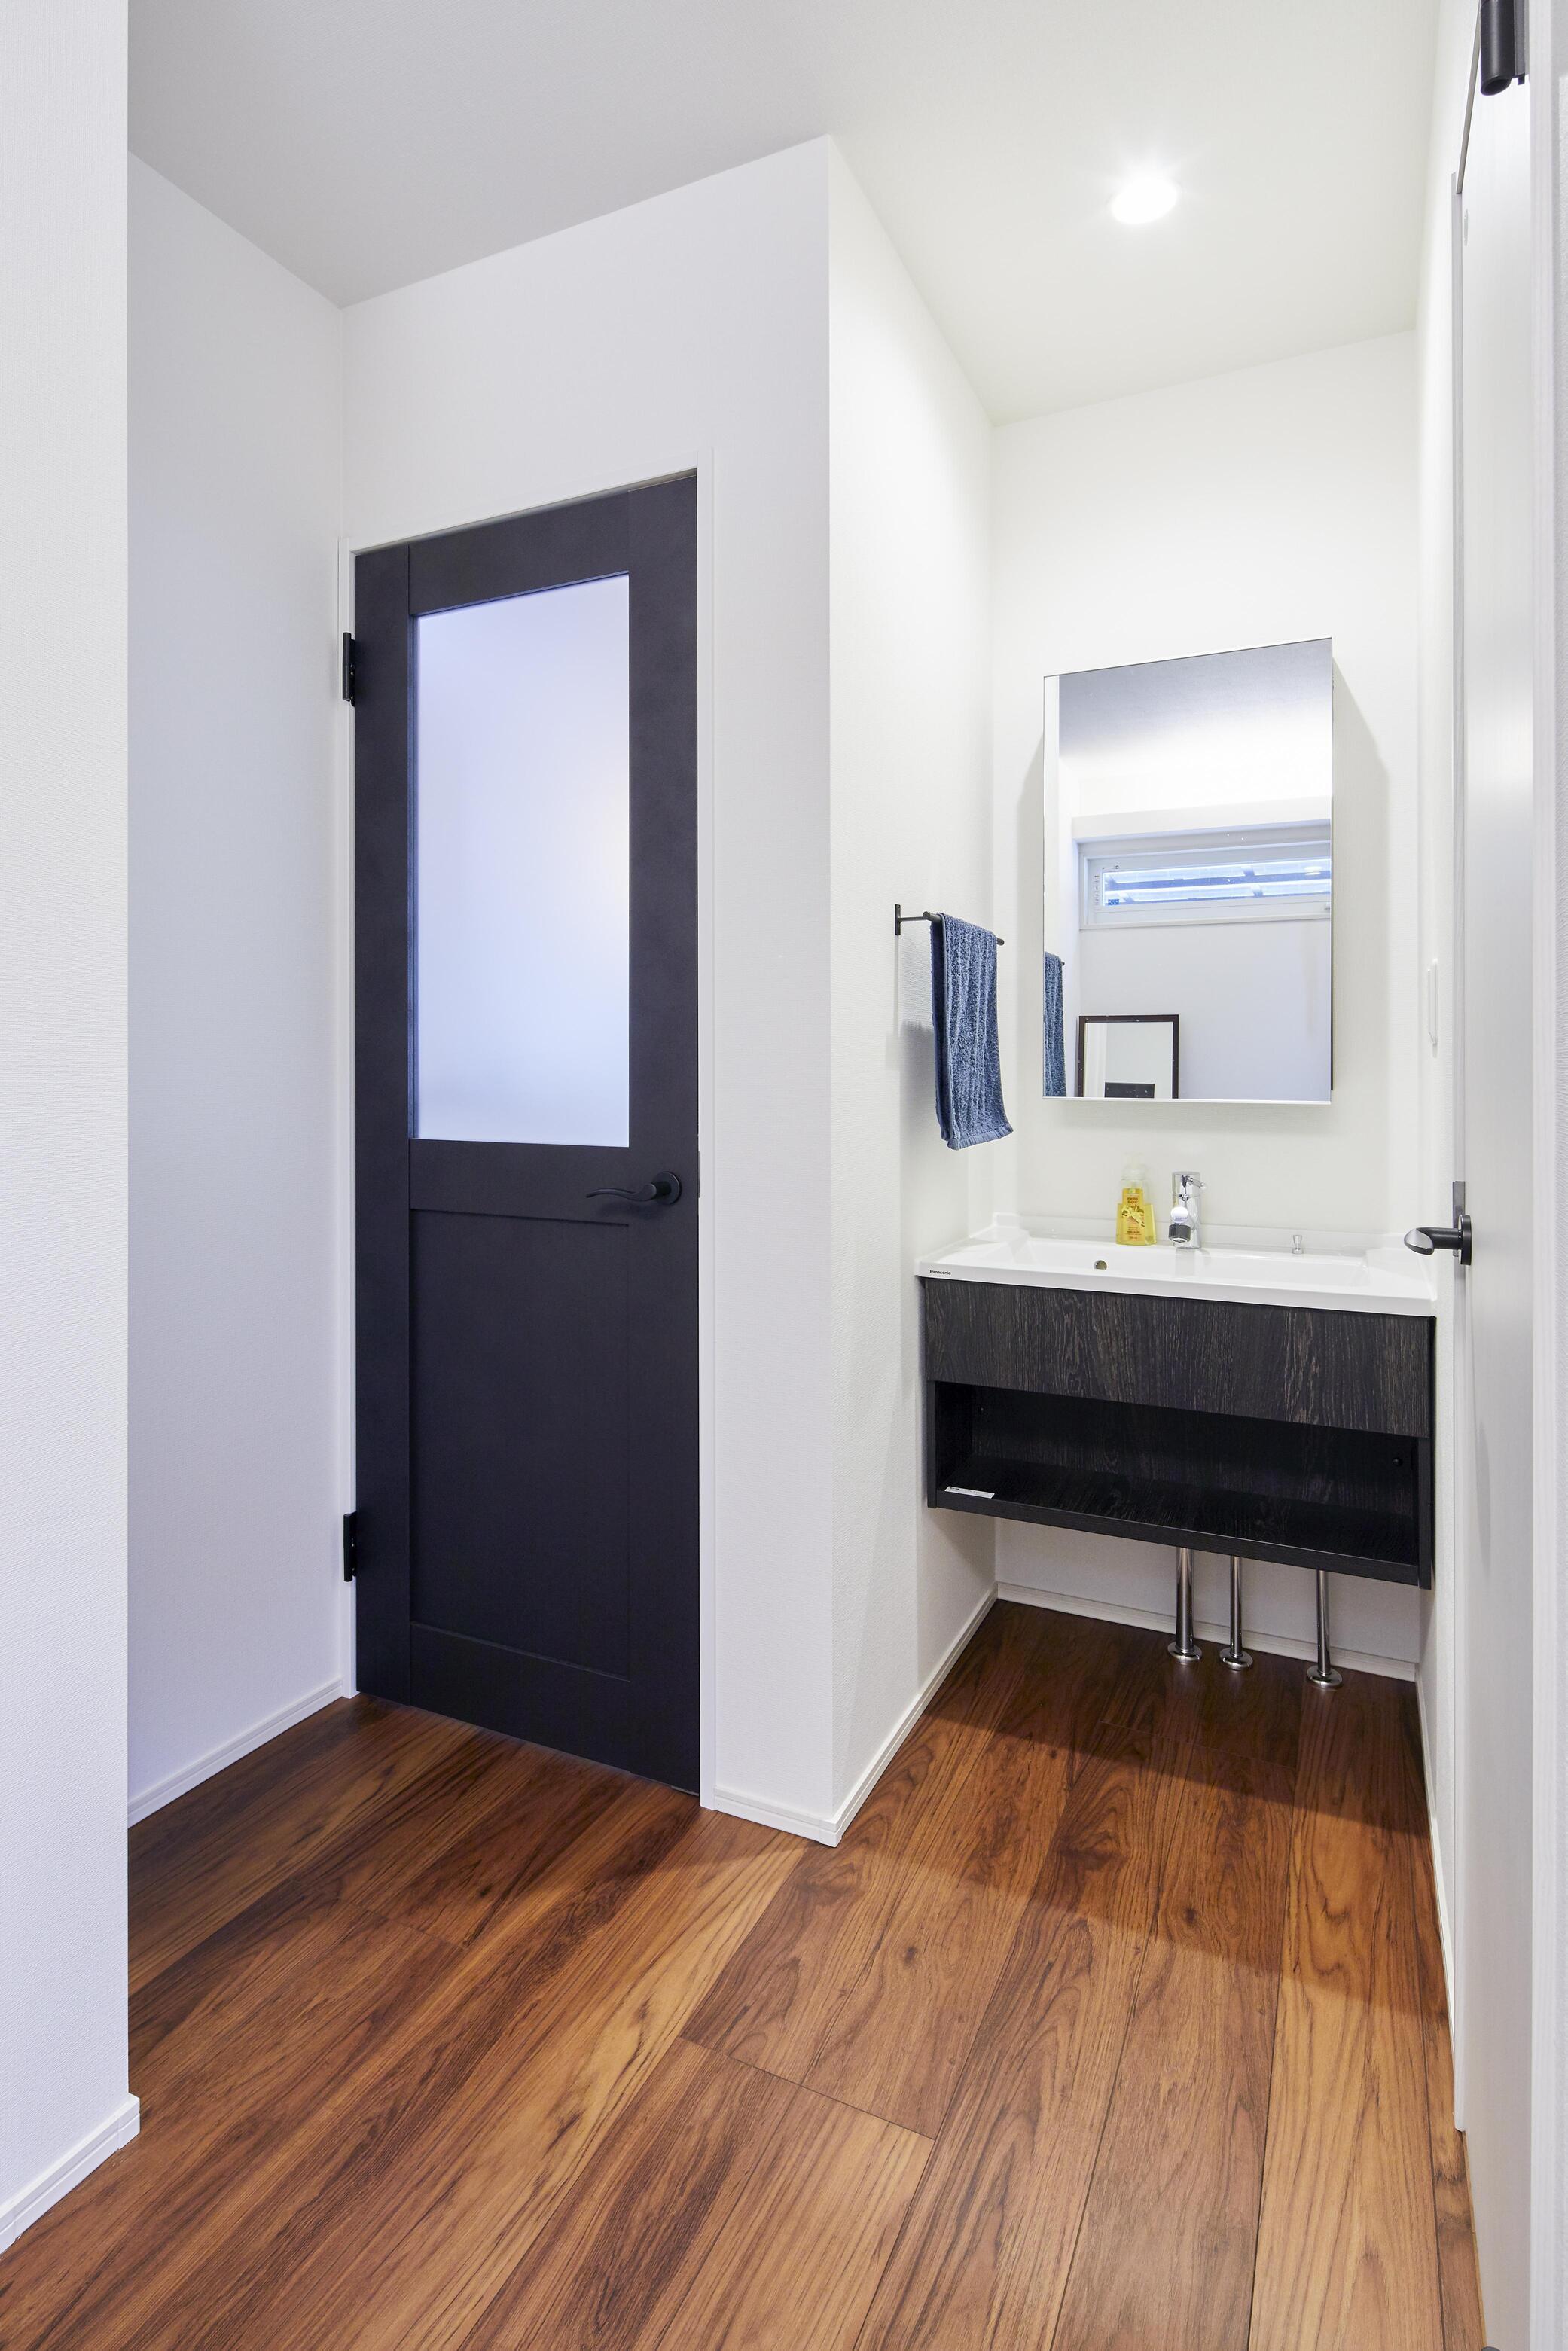 1階と2階に1ヵ所ずつ洗面所を設置